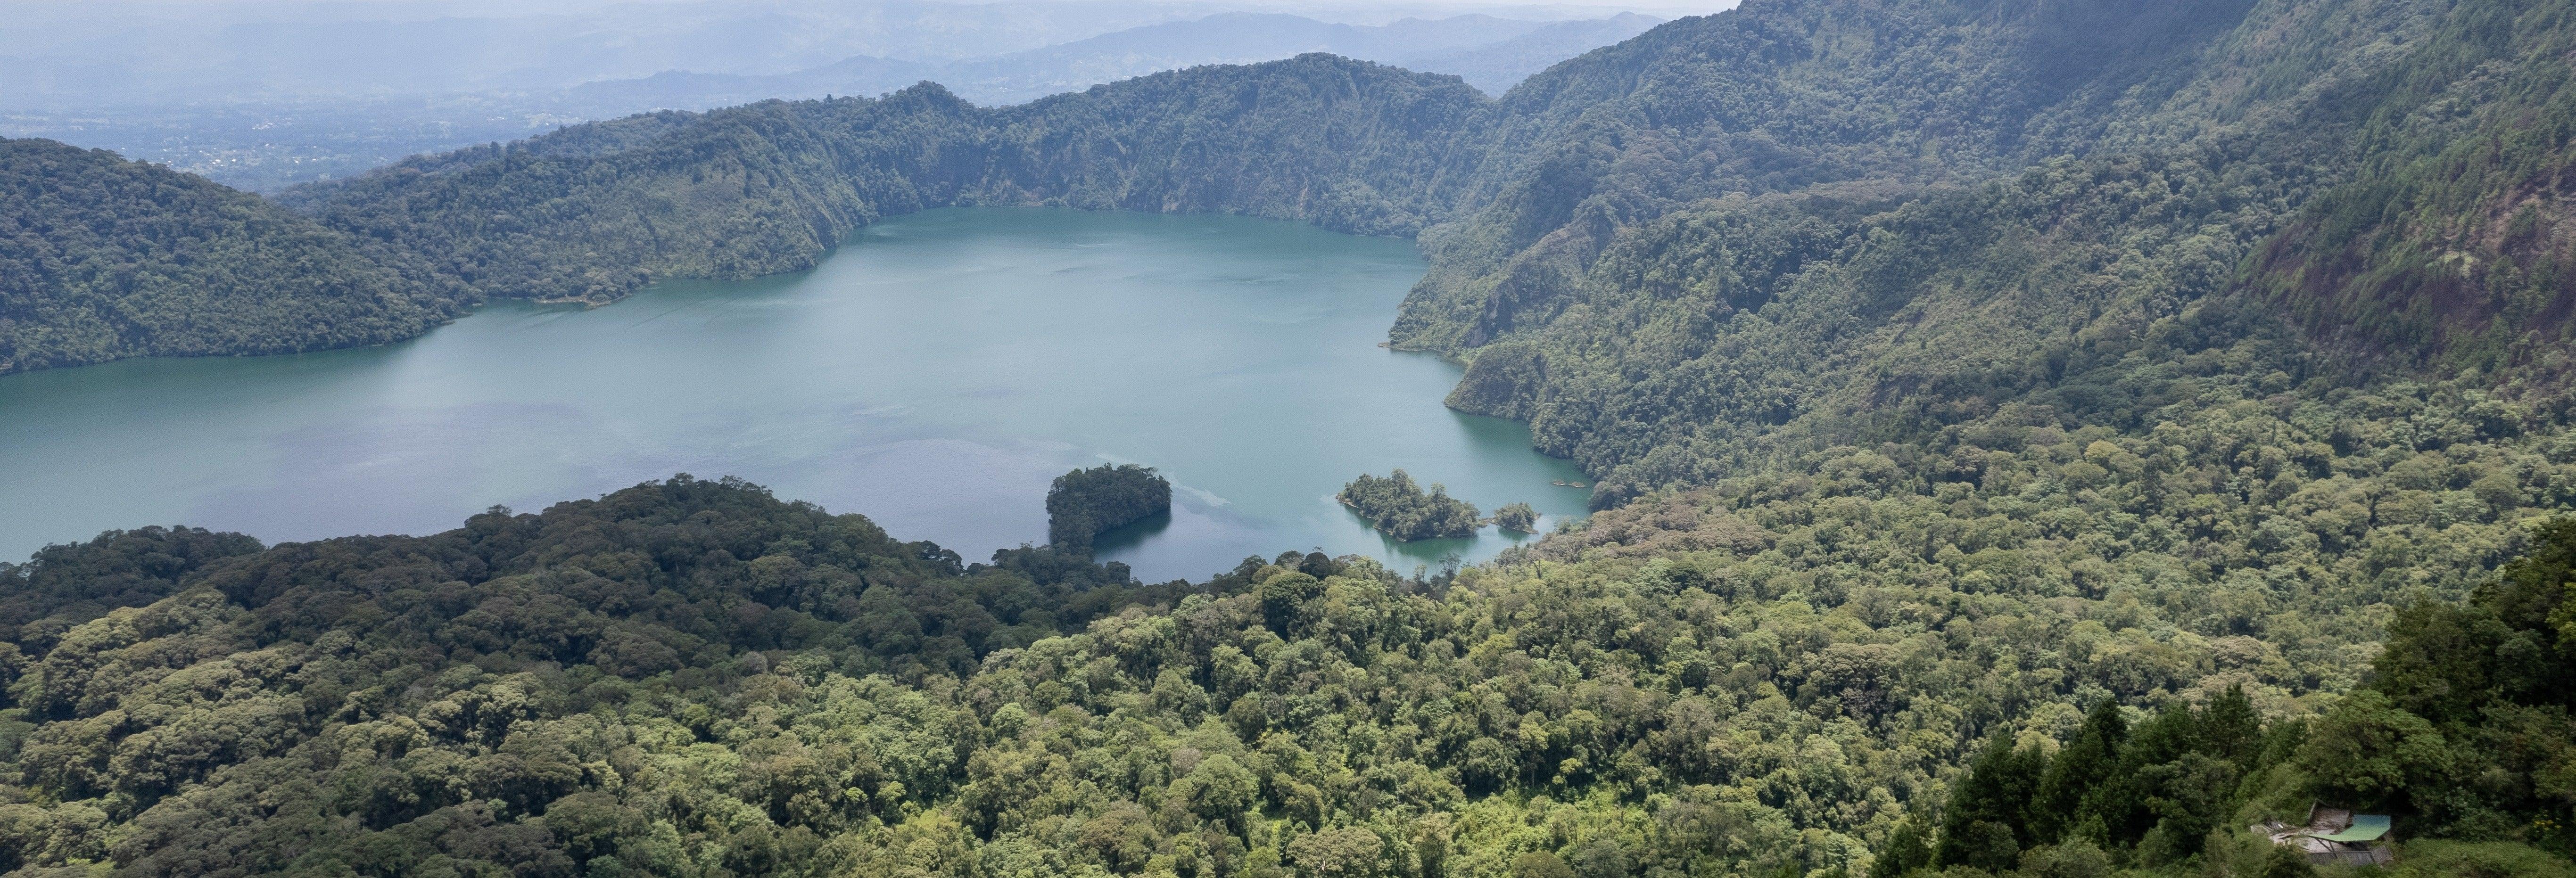 Excursión al lago Chala